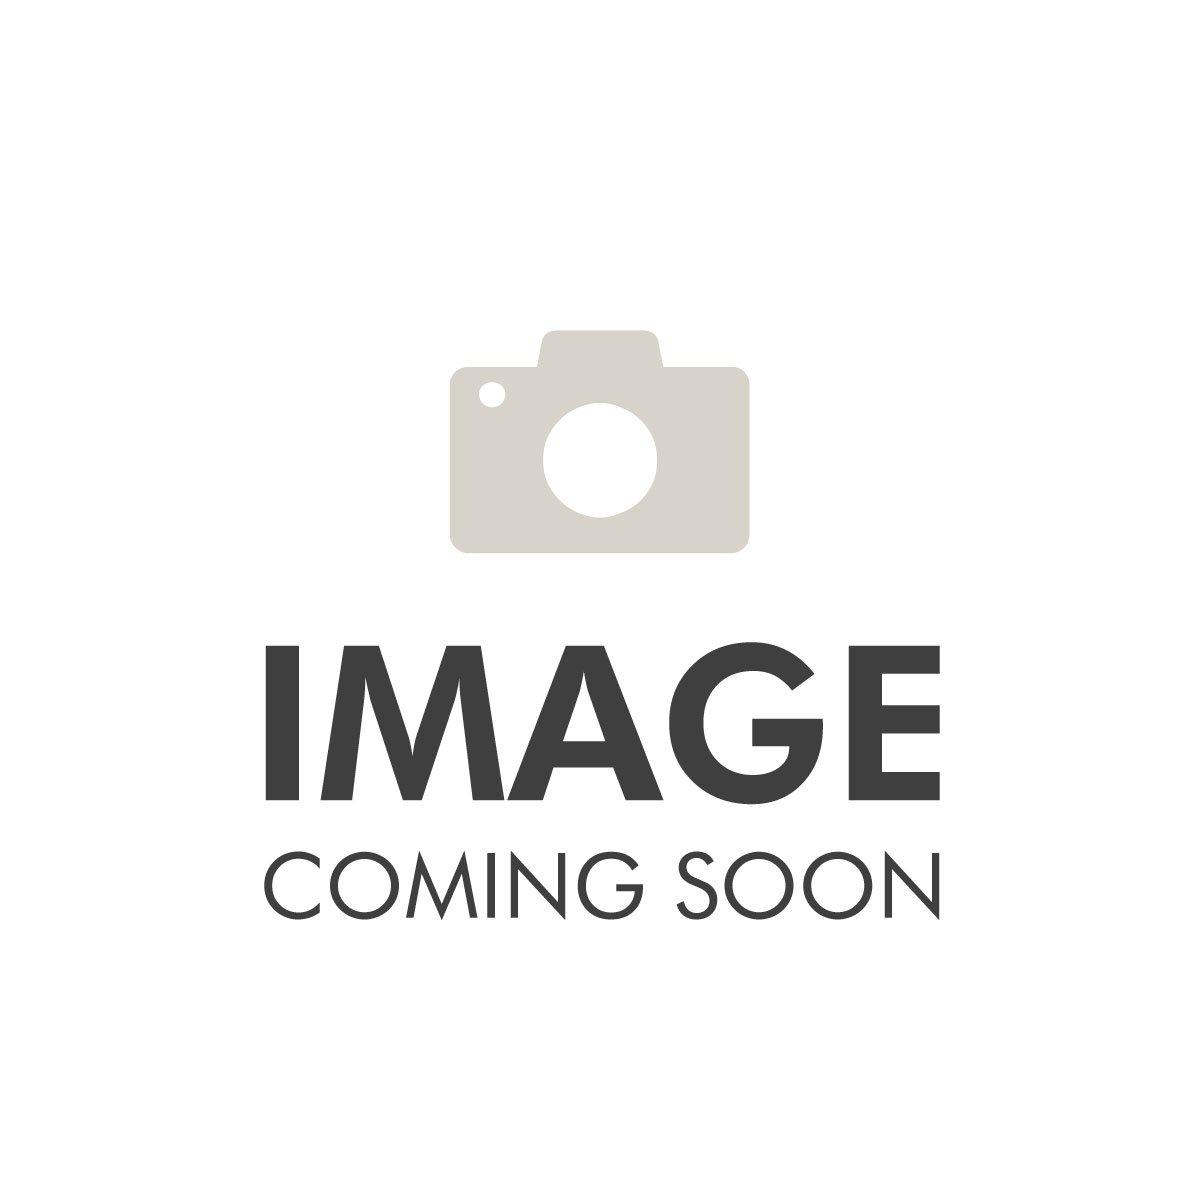 Thierry Mugler Mugler Alien EDP 100ml Refill Bottle